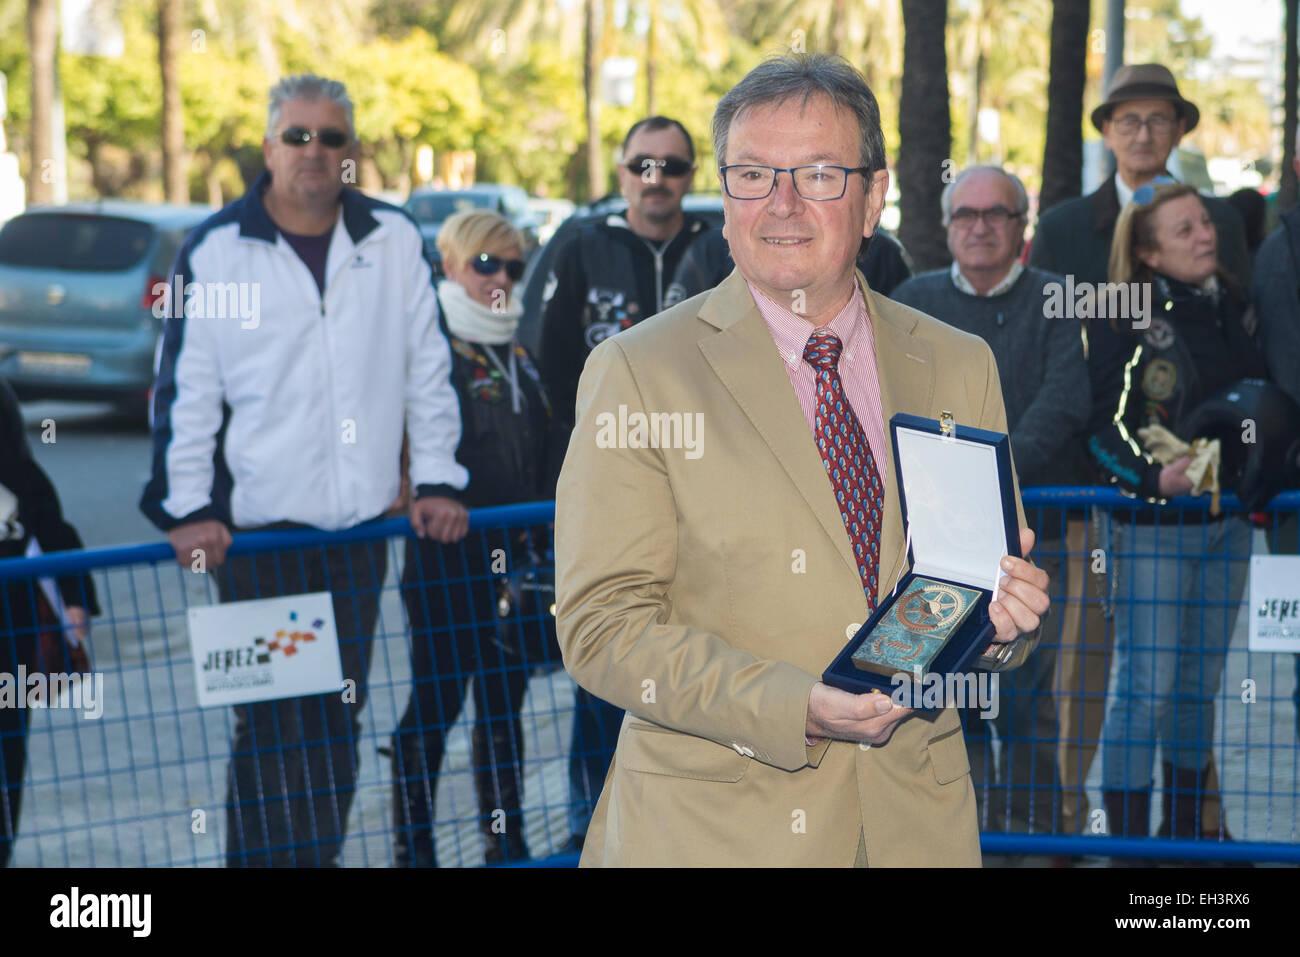 Jerez de la Frontera, Andalusia, Spain, 06 March, 2015: Ángel Viladoms, President of Real Federación Española de Stock Photo